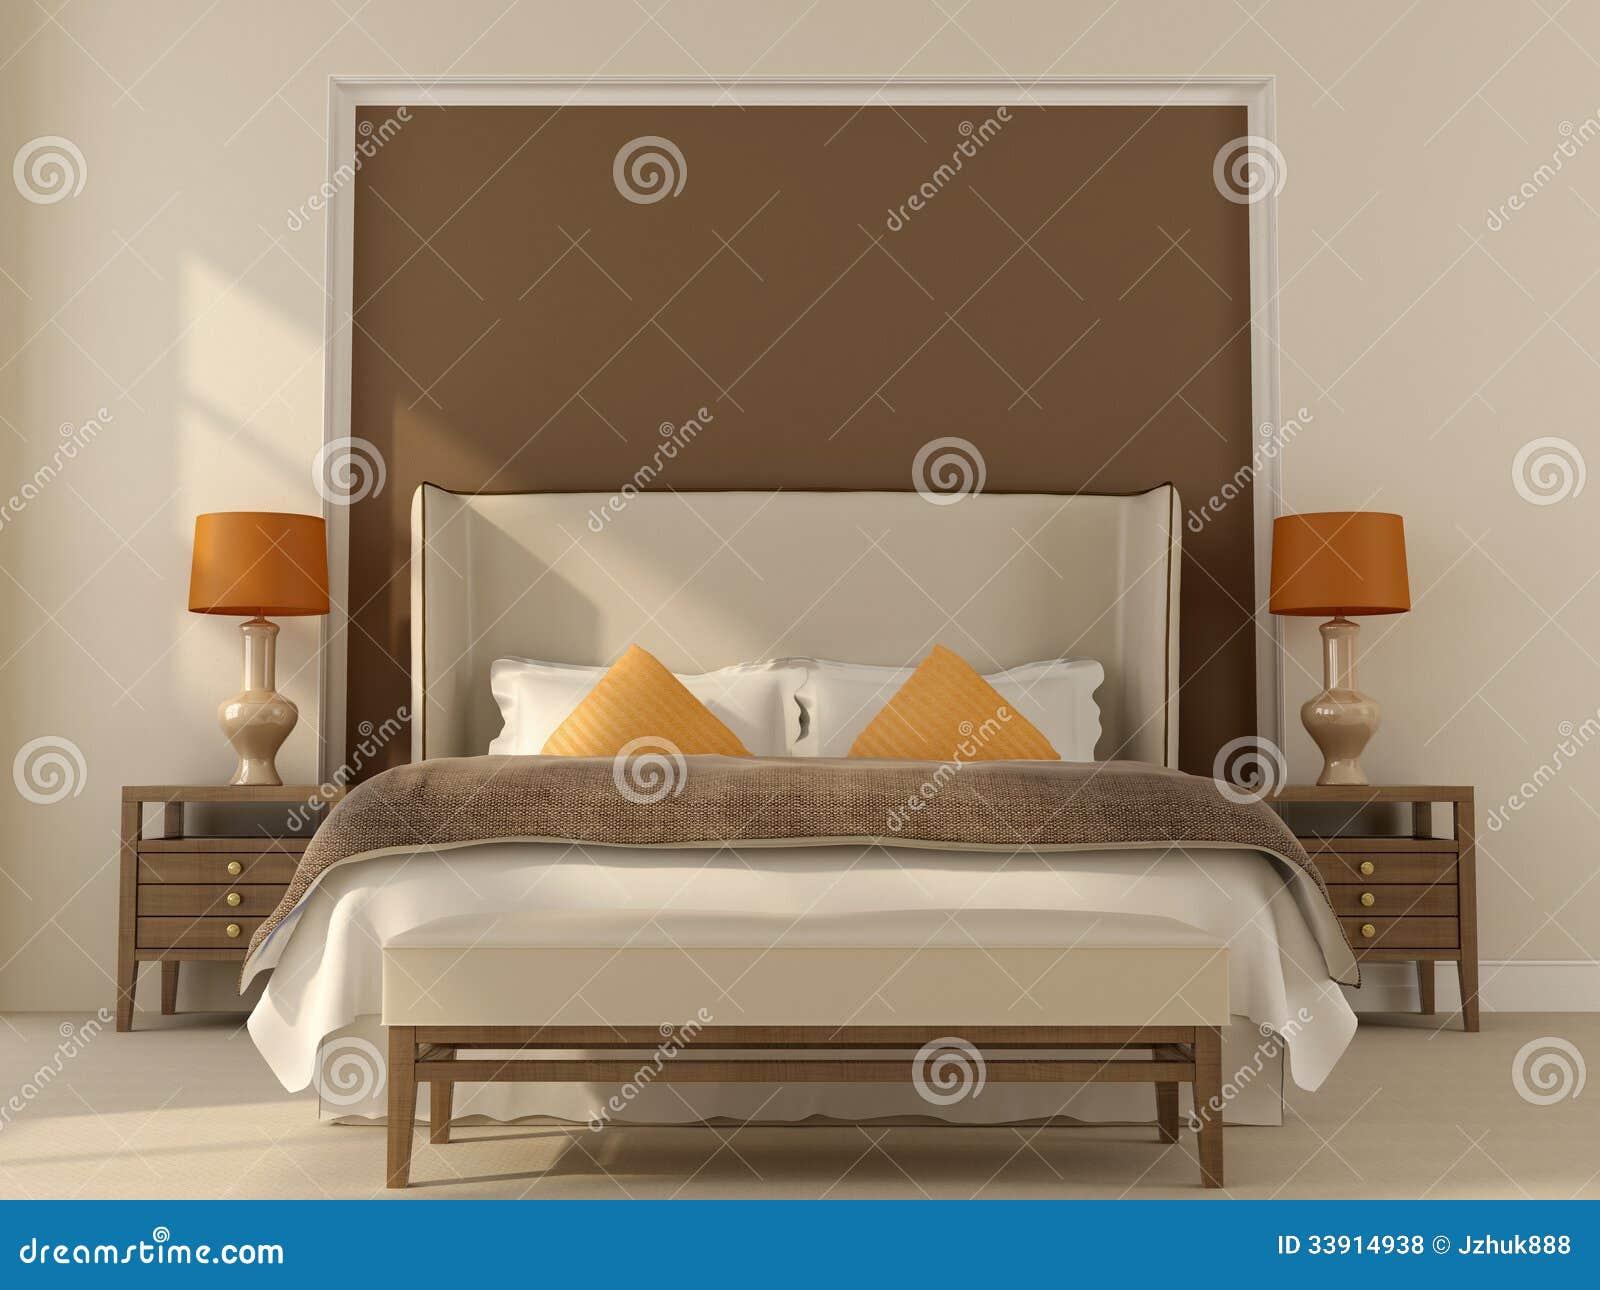 beige en bruine slaapkamer royalty-vrije stock foto's - afbeelding, Deco ideeën